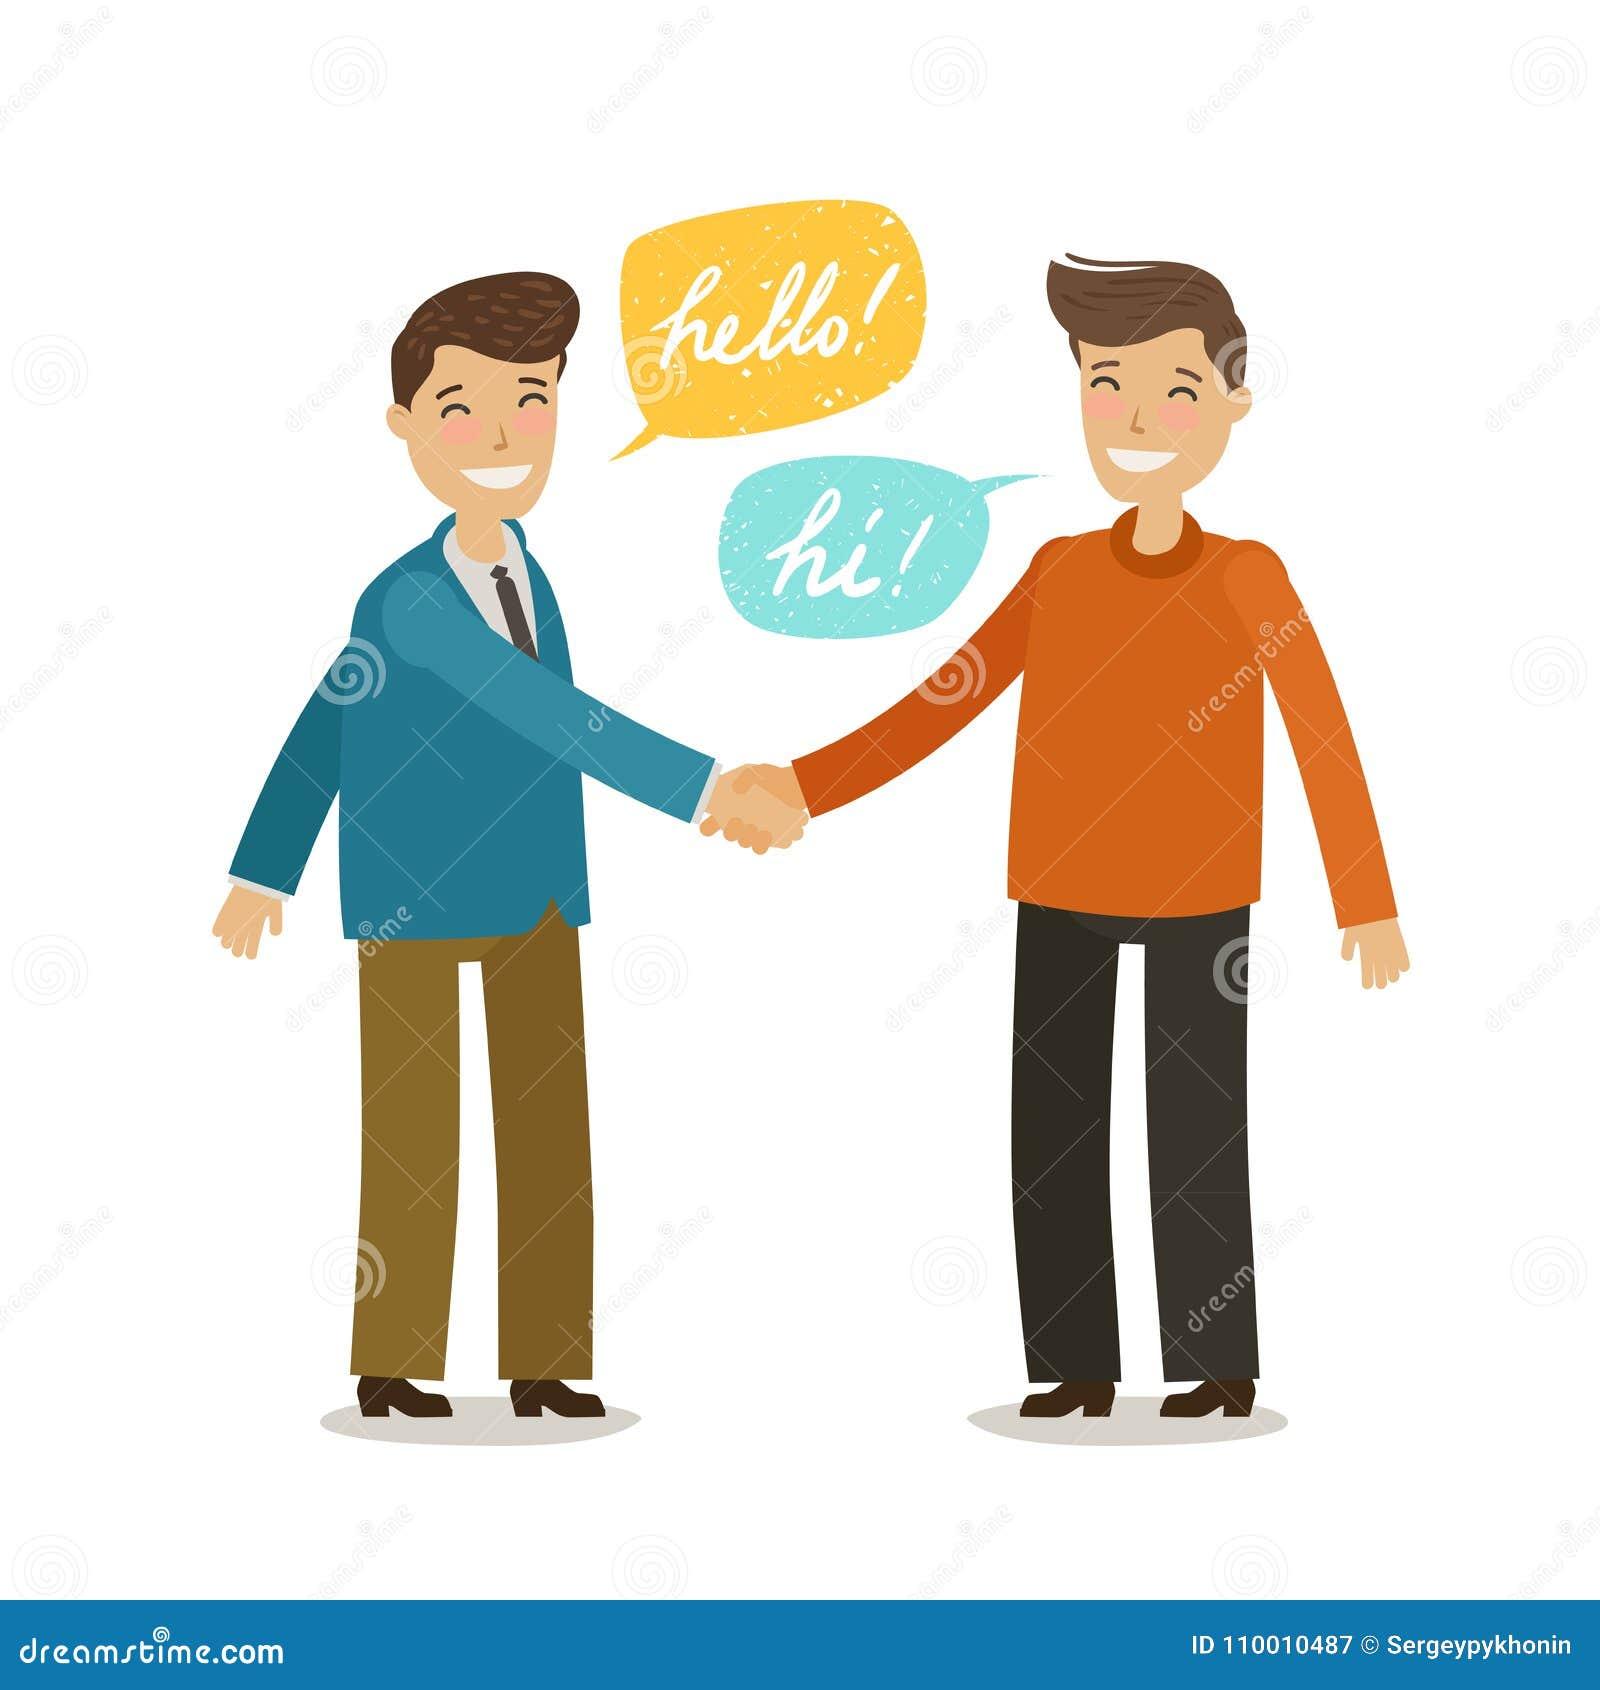 Stretta di mano, stringente le mani, concetto di amicizia La gente felice stringe le mani nel saluto Illustrazione di vettore del